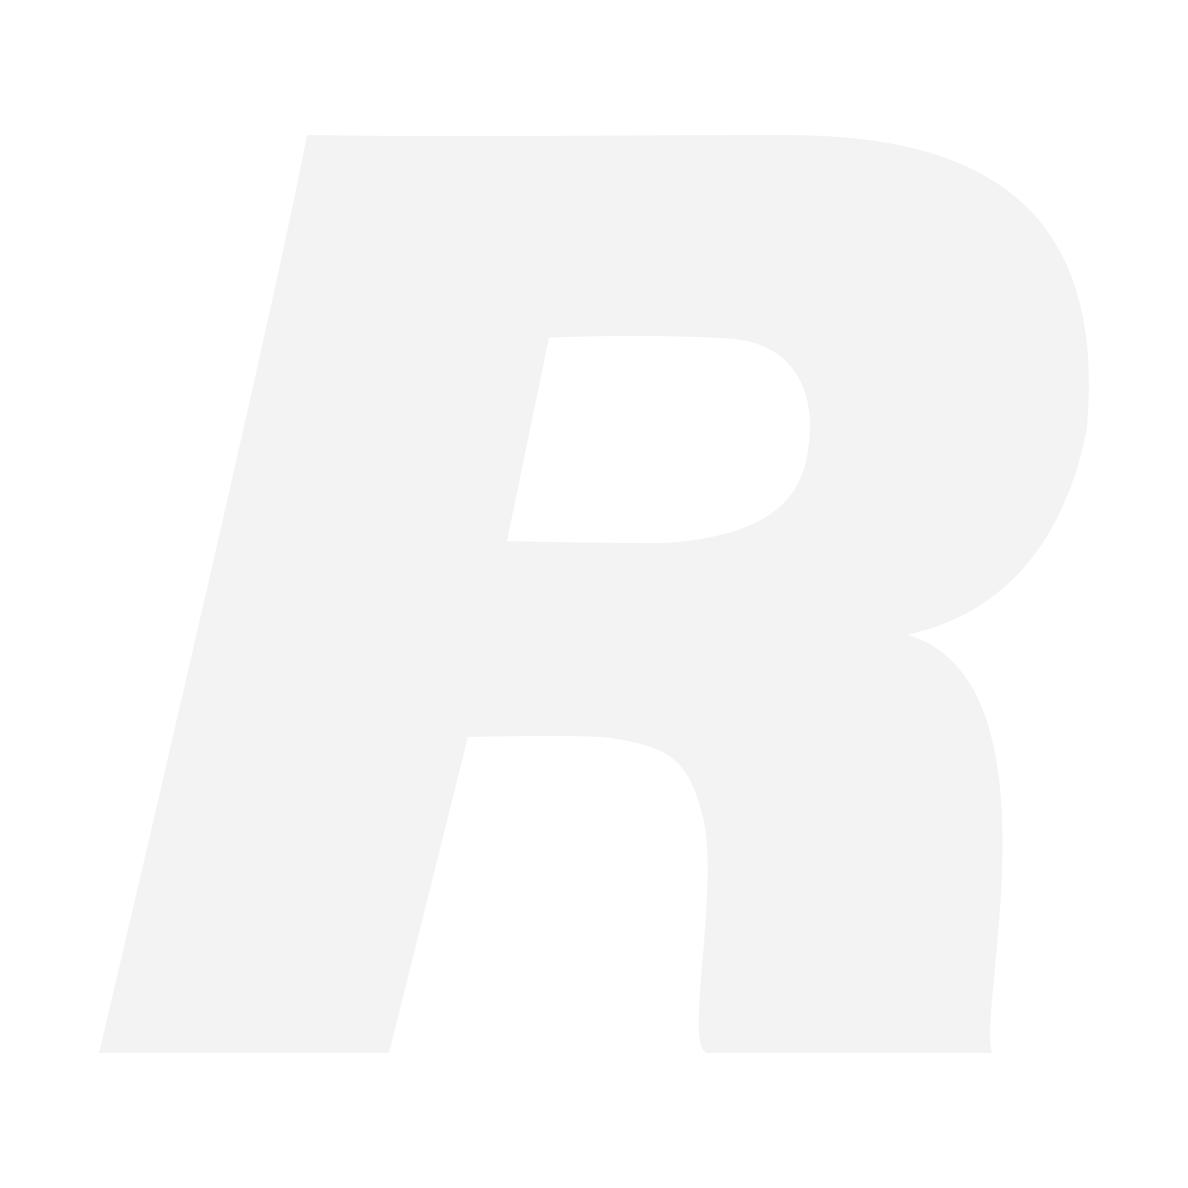 Samyang 7.5/3.5 Fisheye MicroFourThirds, svart